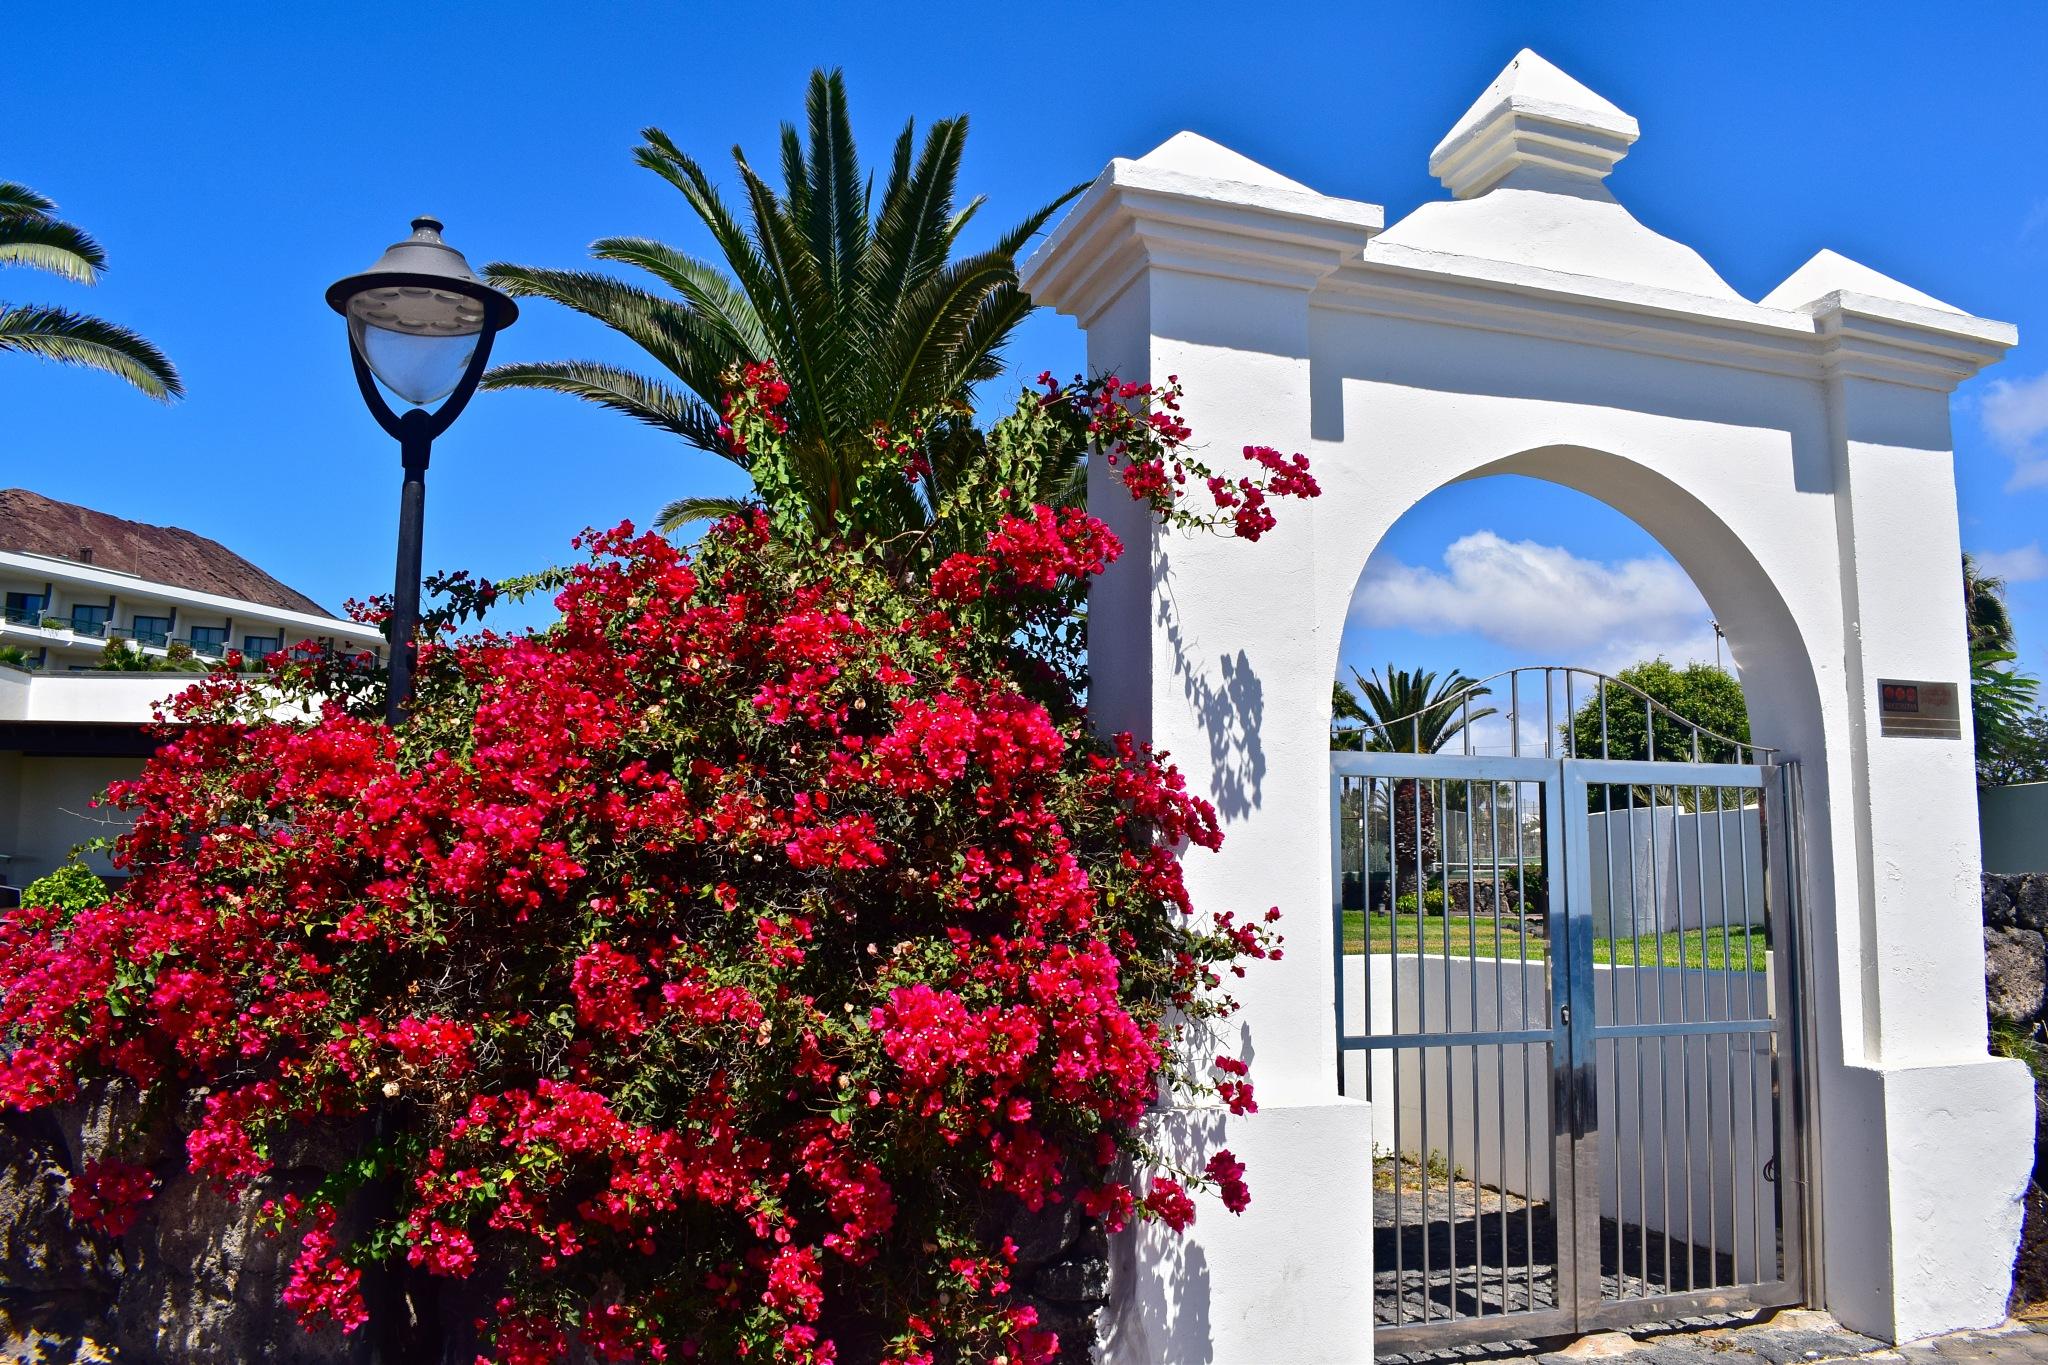 Entrance by Dejan&Milica